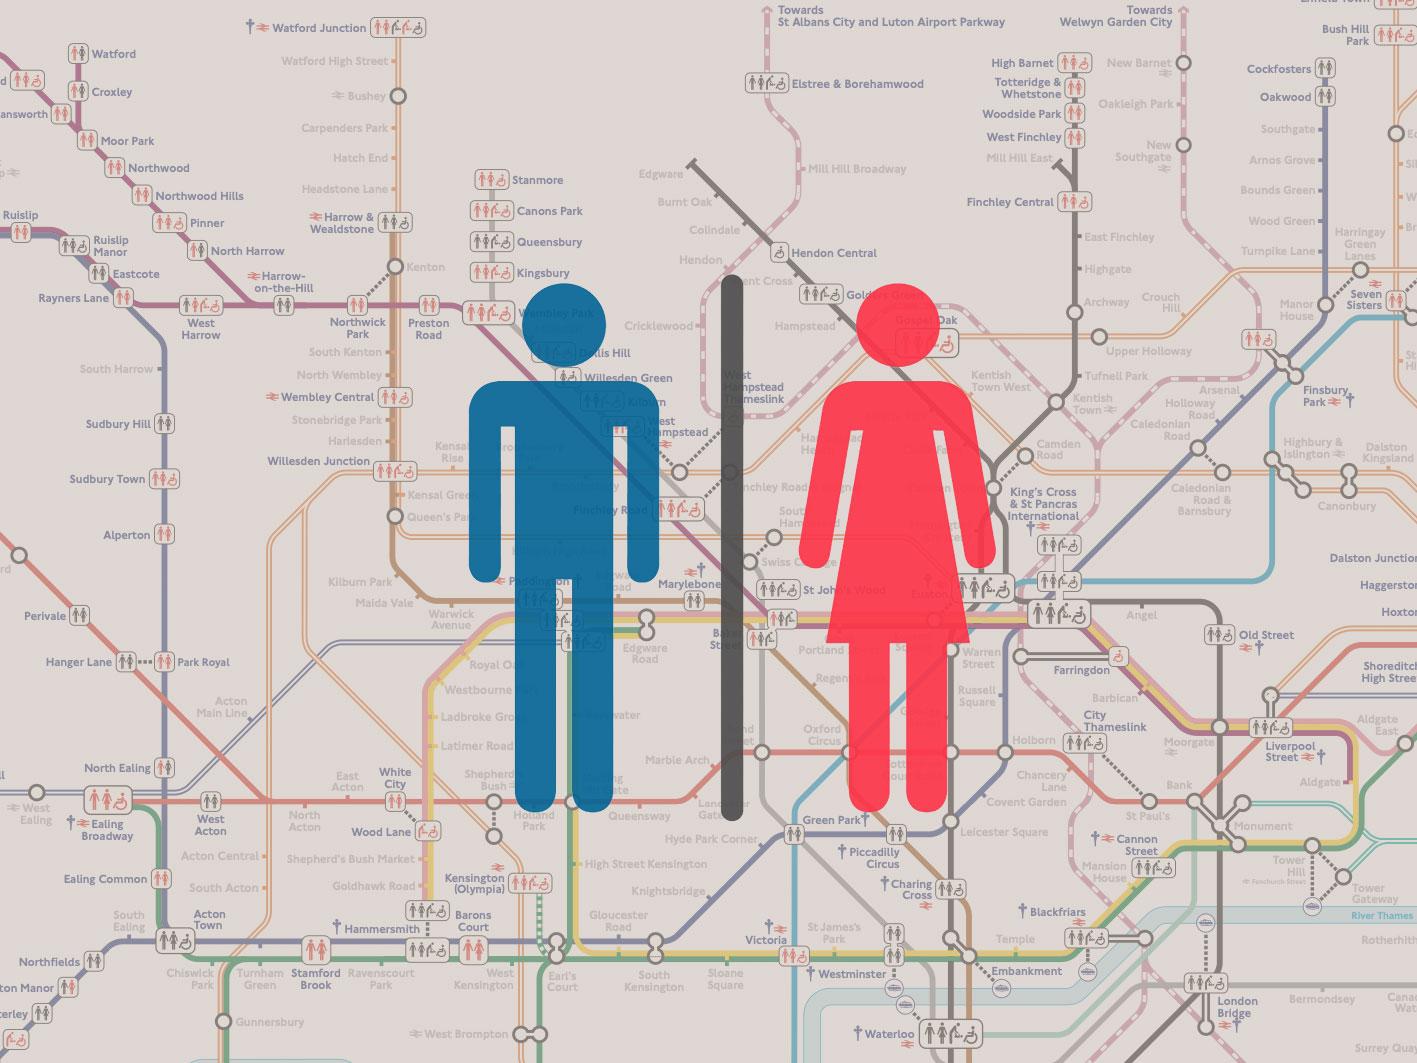 倫敦實用地圖整理:哪些地鐵站有洗手間?倫敦地鐵廁所指示地圖